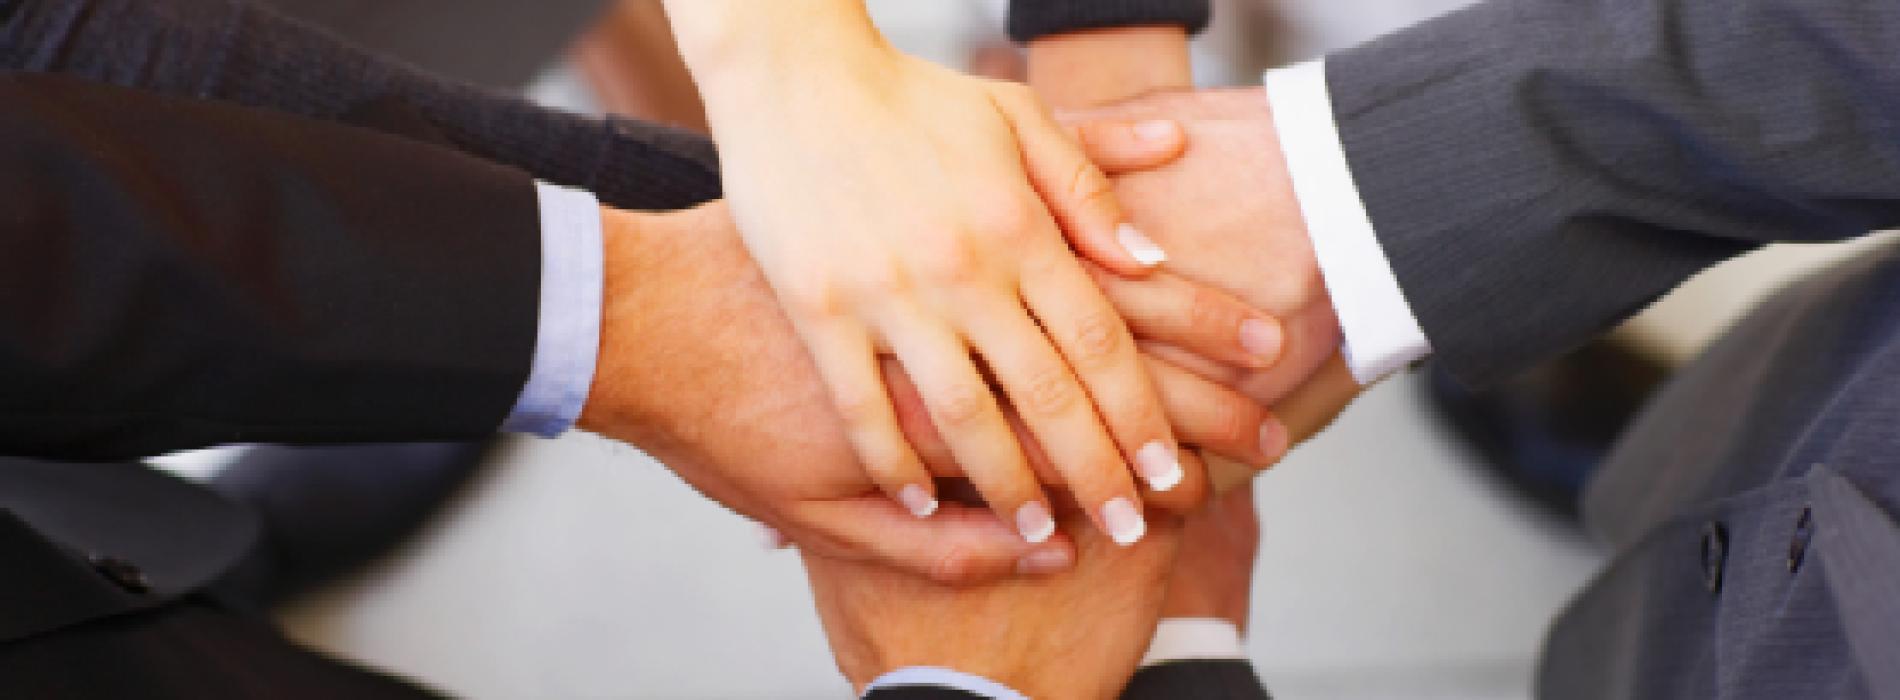 Czy firmy powinny organizować grupową integrację?